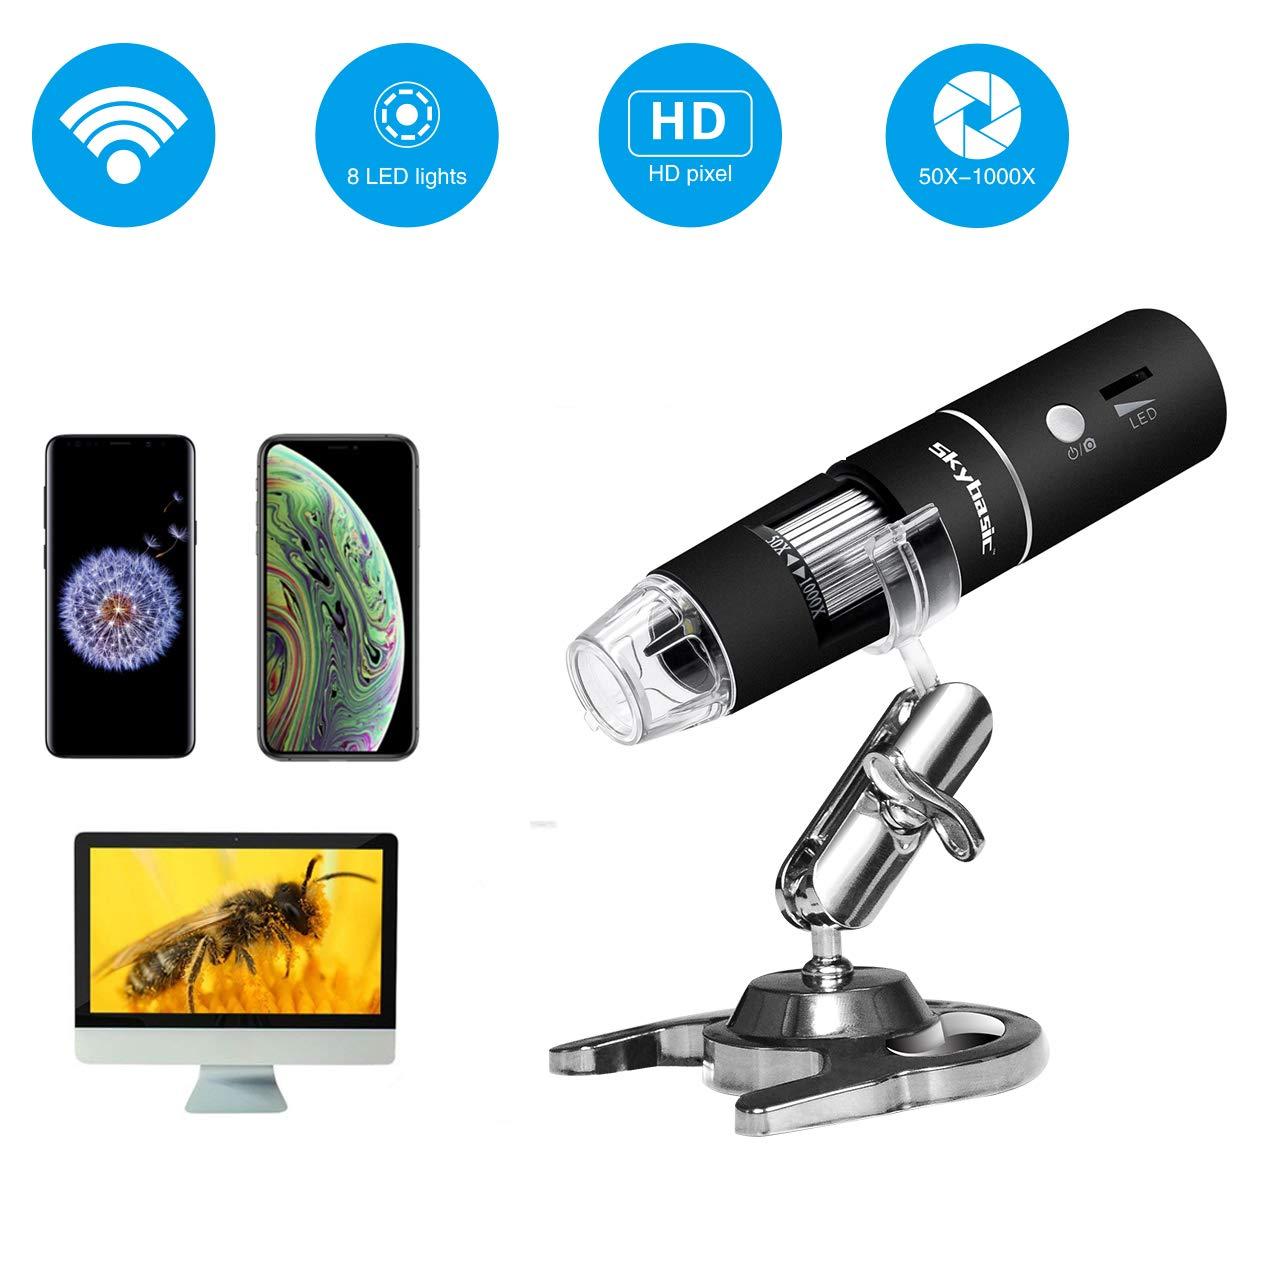 无线数字显微镜,天空基本 50X 至 1000X WiFi 手持变焦放大内镜放大镜 1080P FHD 2.0 MP 8 LED 兼容 Android 和 iOS 智能手机或平板电脑,Windows Mac PC